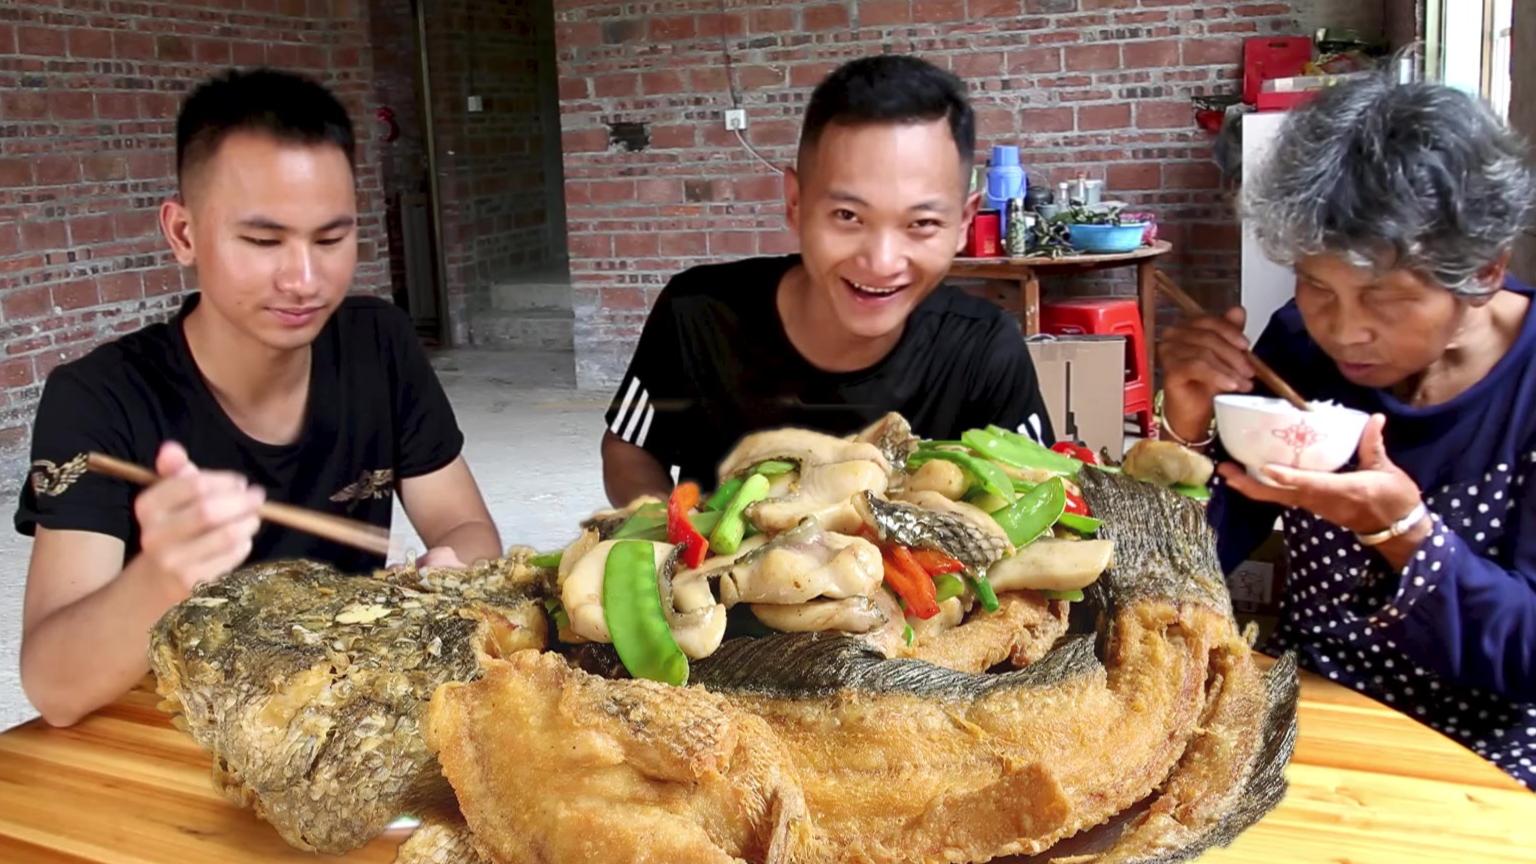 吃了这么多年的乌鱼,还是这样做好吃,鱼肉嫩滑,鱼骨酥脆真过瘾